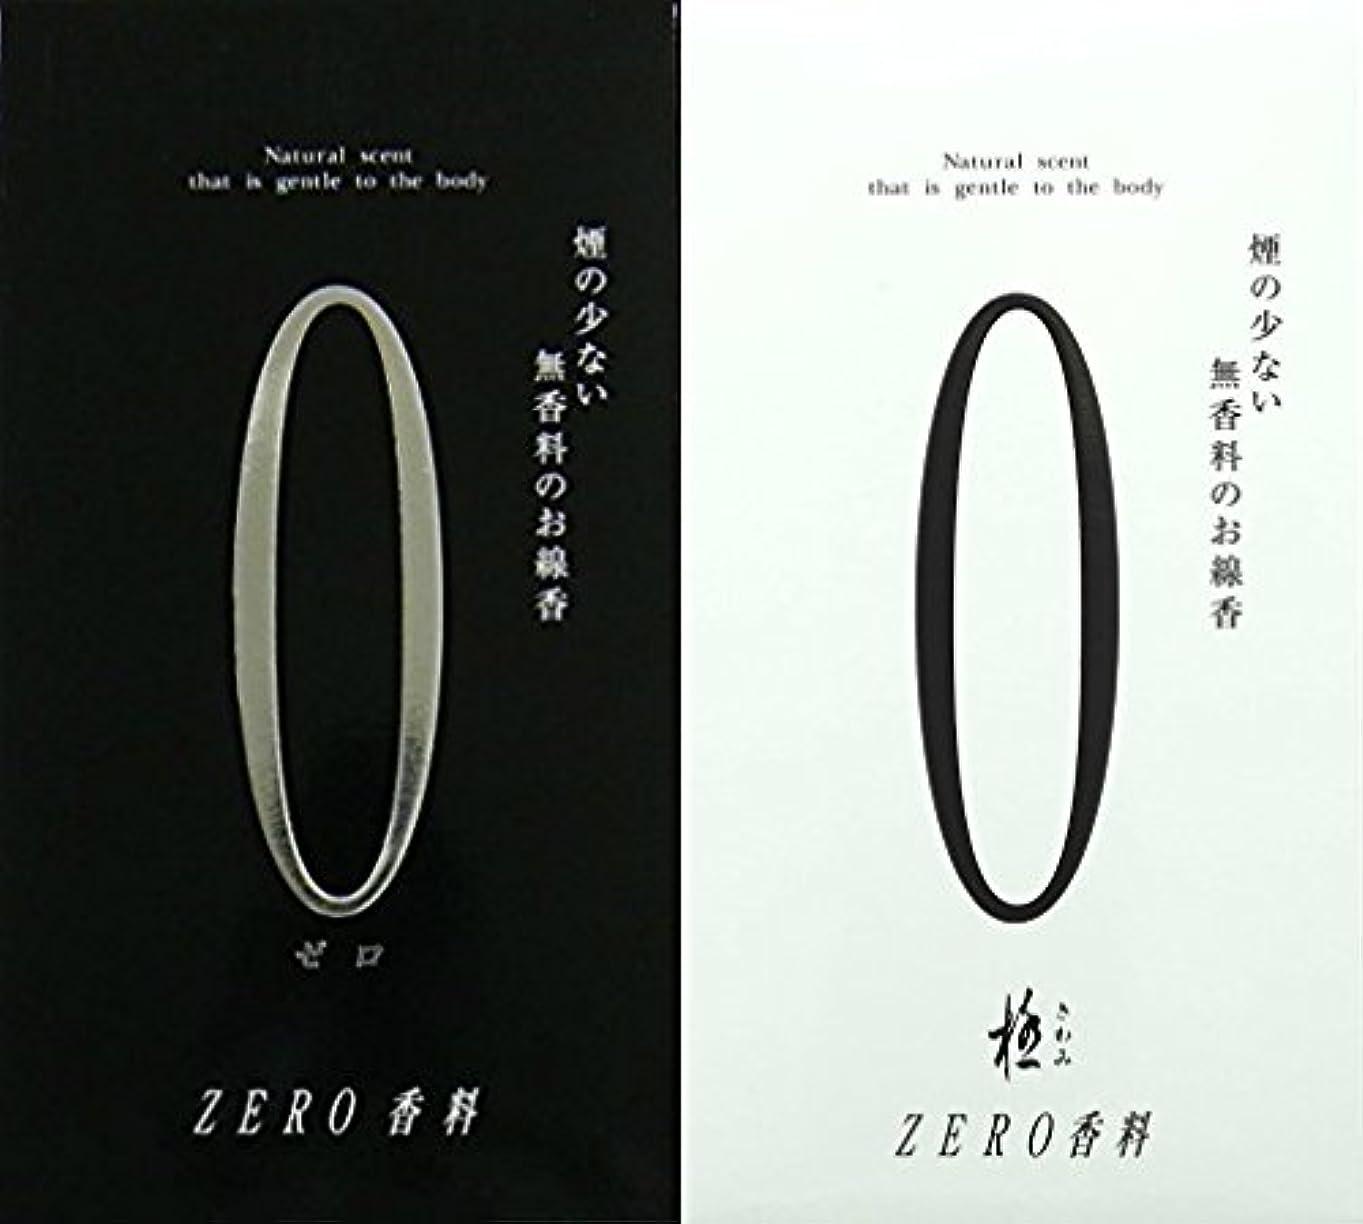 ブッシュ明るい生態学極 (きわみ) ZERO 香料 130g 【黒?白セット】